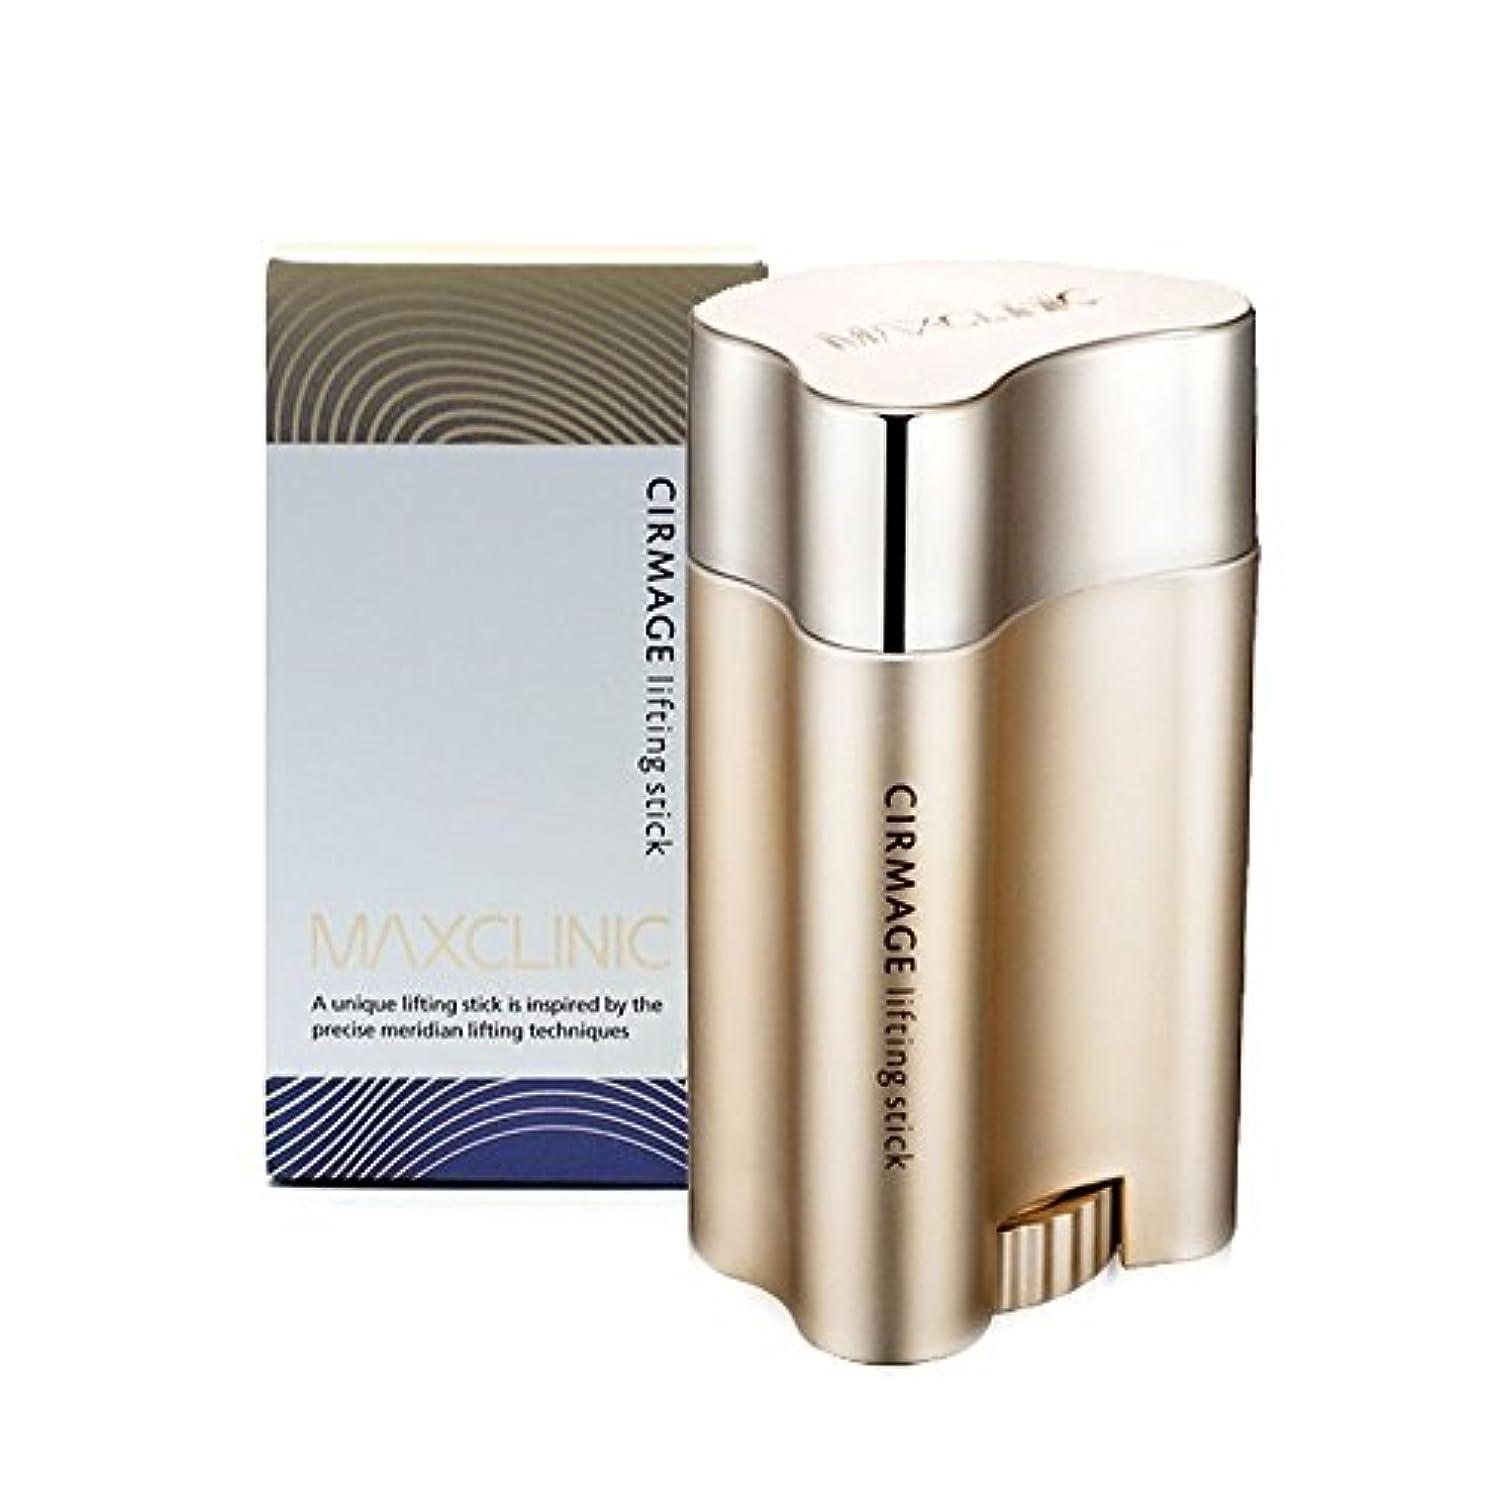 カバーヘッジ短くするMAXCLINIC マックスクリニック サーメージ リフティング スティック 23g(Cirmage Lifting Stick 23g)/Direct from Korea/w free Gift Sample [並行輸入品]